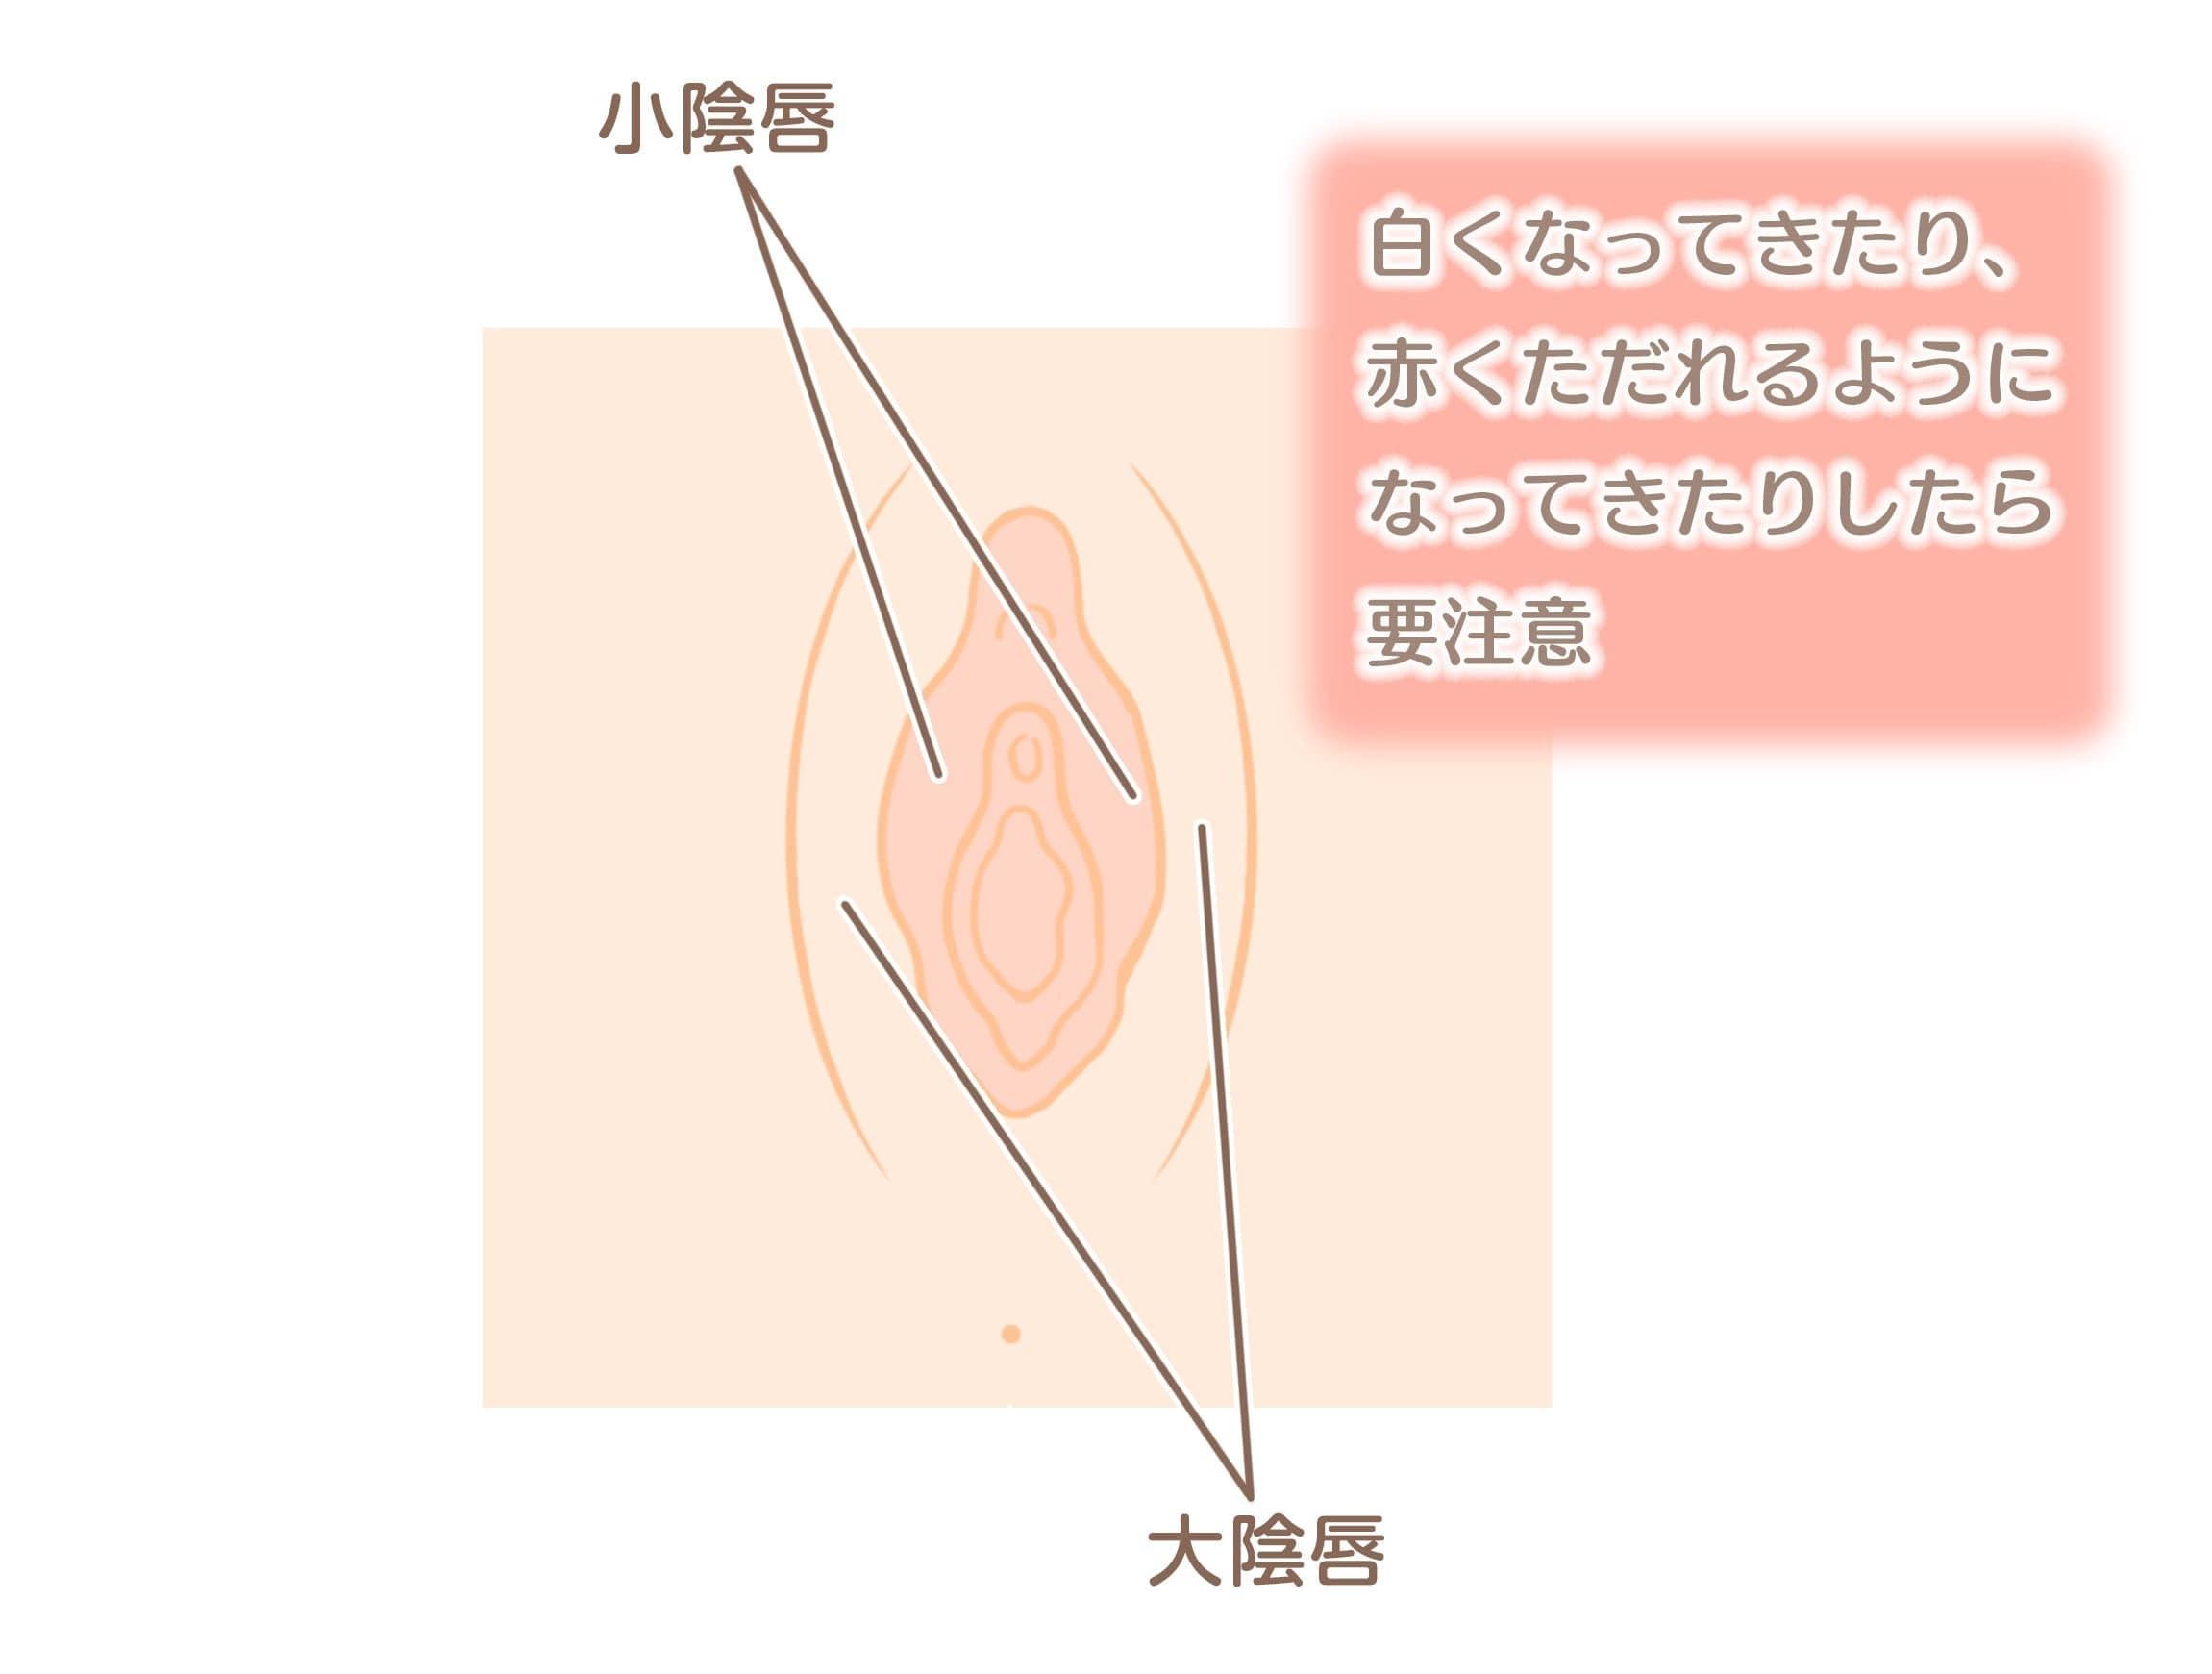 image3 (1)-min.jpeg